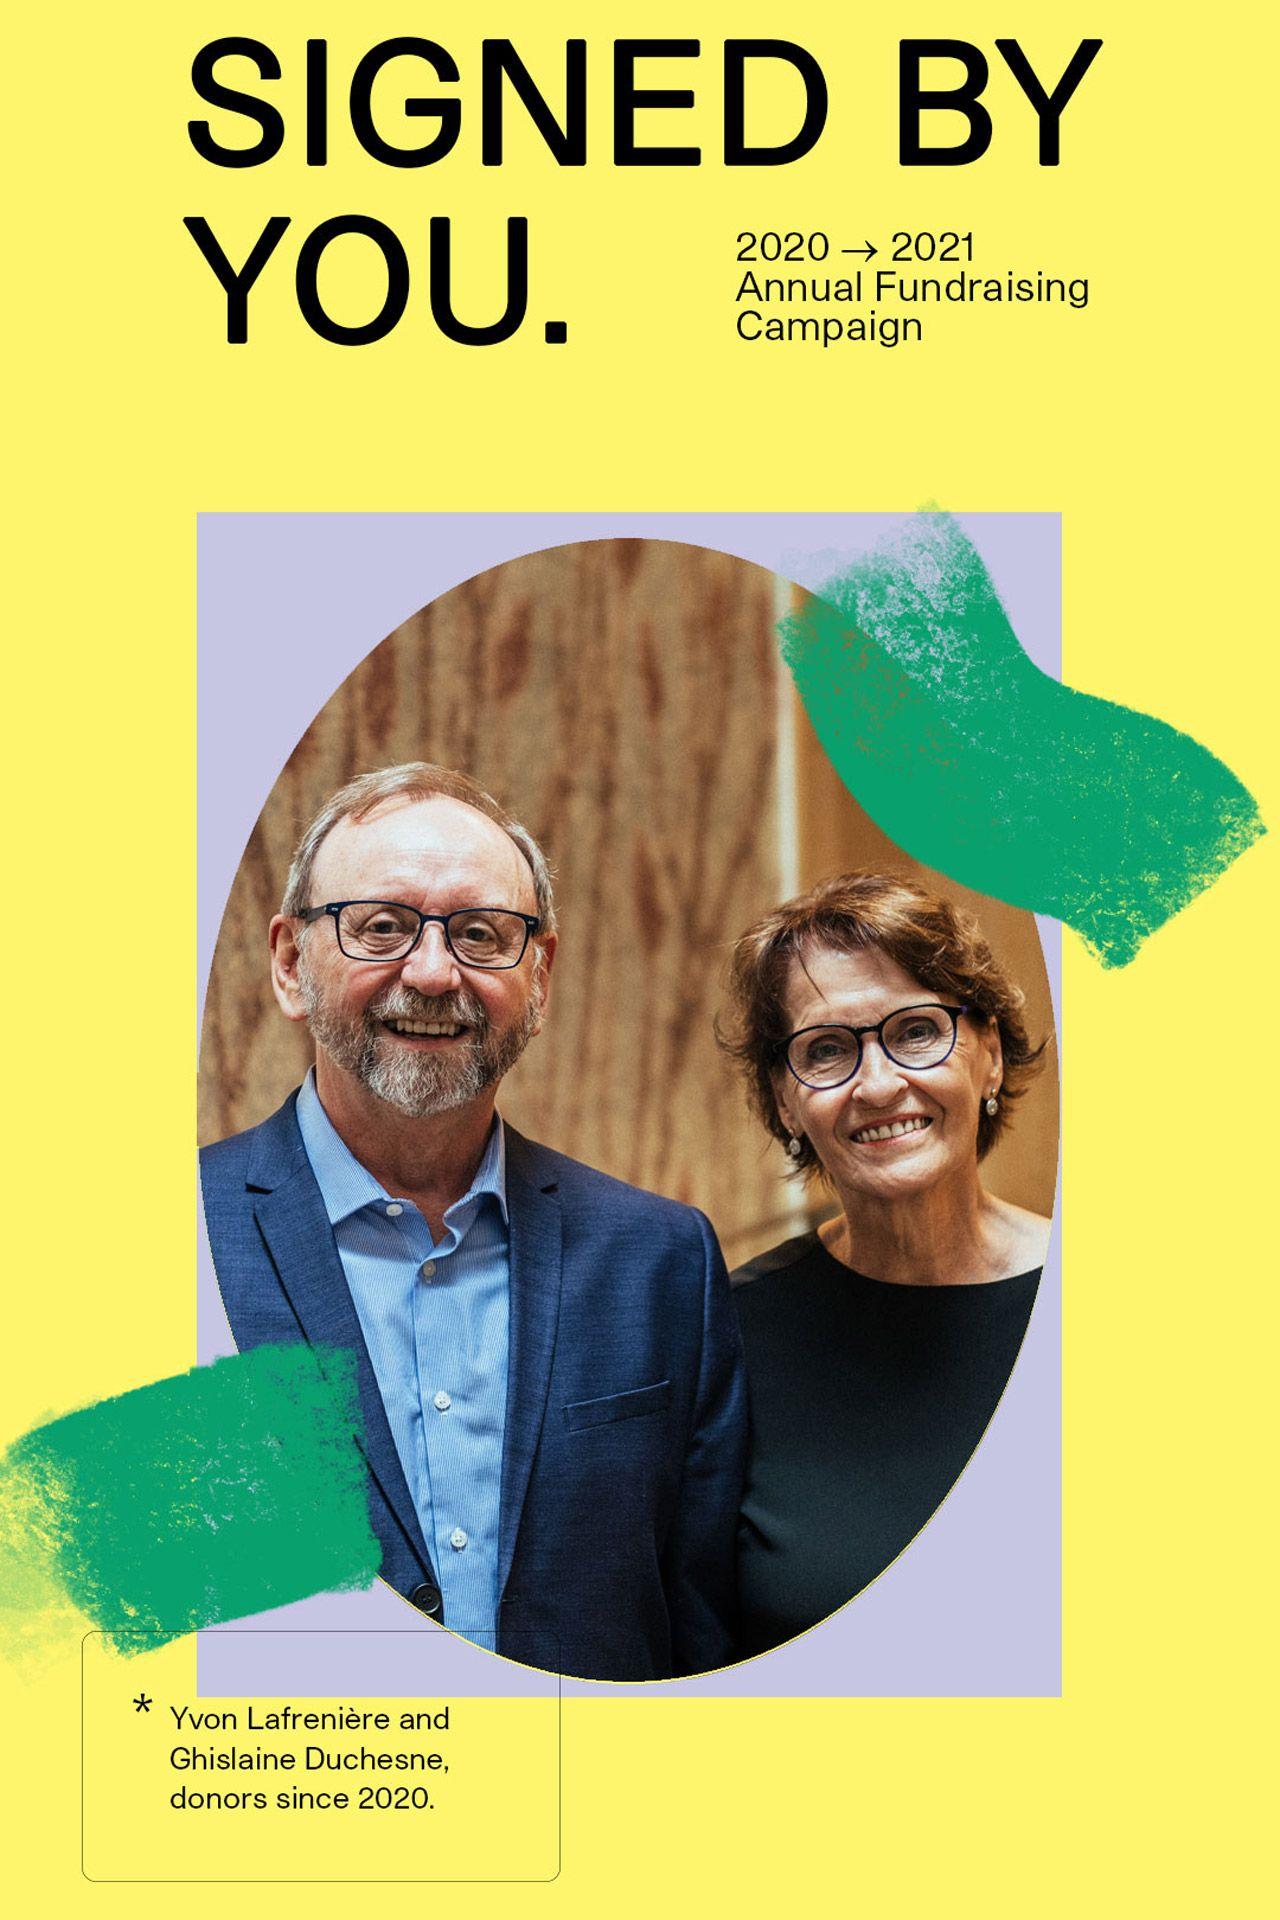 Yvon Lafrenière et Ghislaine Duchesne, donateurs depuis 2020